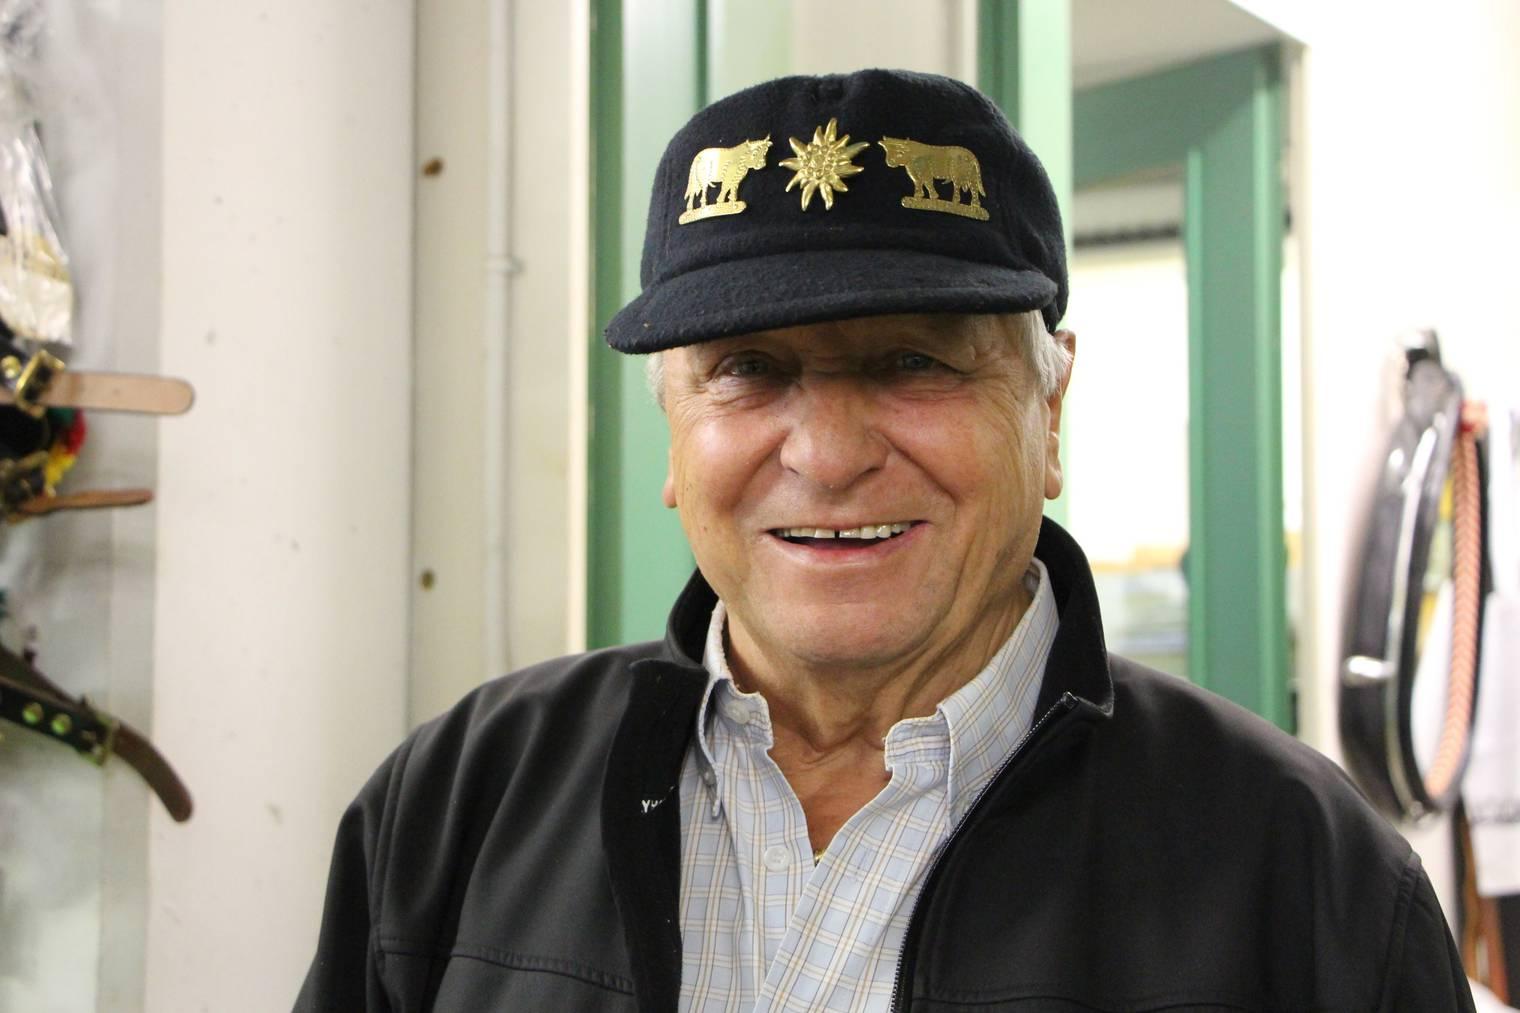 Auf diese Mütze ist Ernst Thoma stolz. (Bild: FM1Today/Lara Abderhalden)